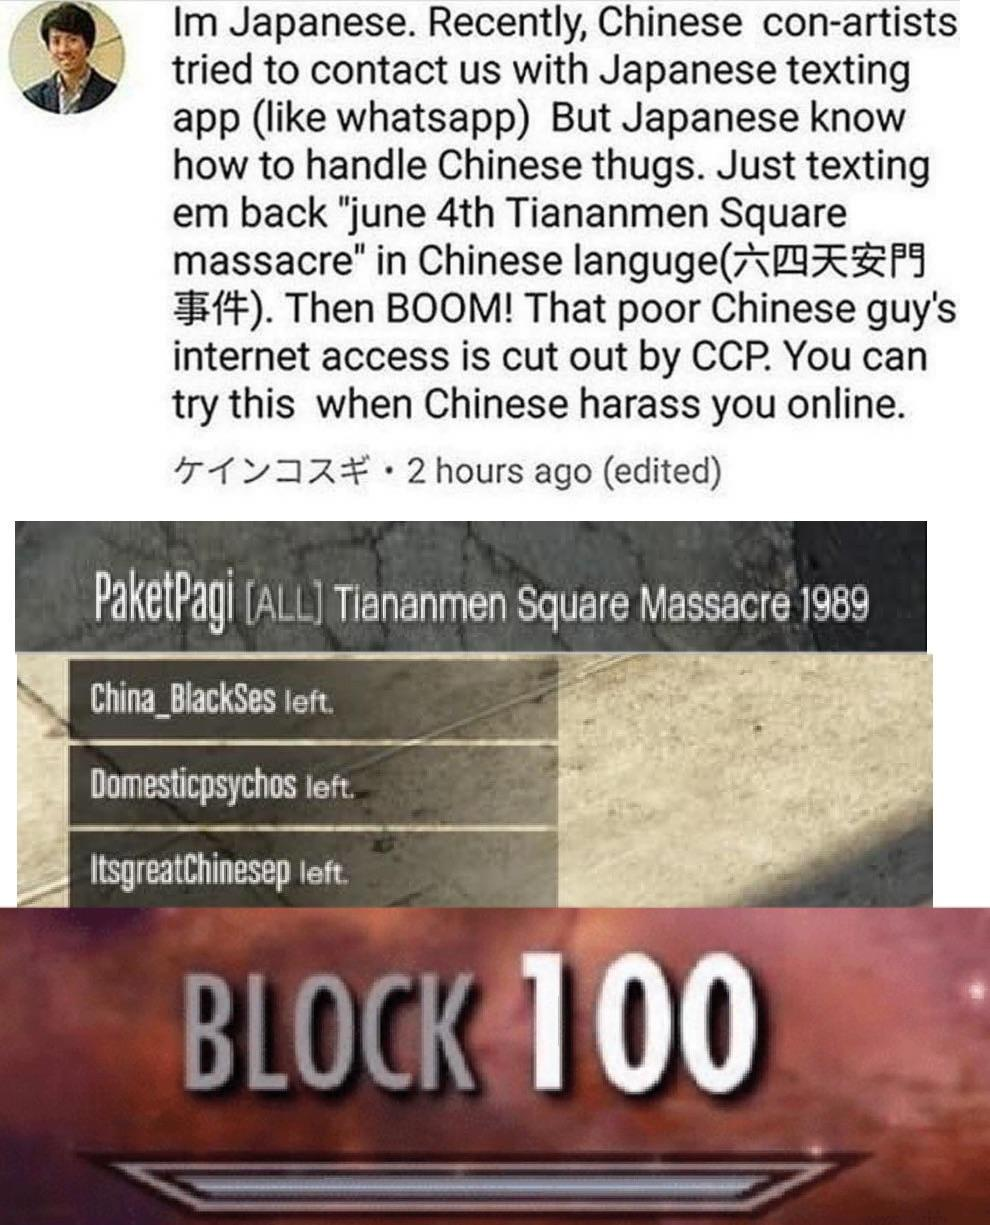 Obrázek howtoblockchinese